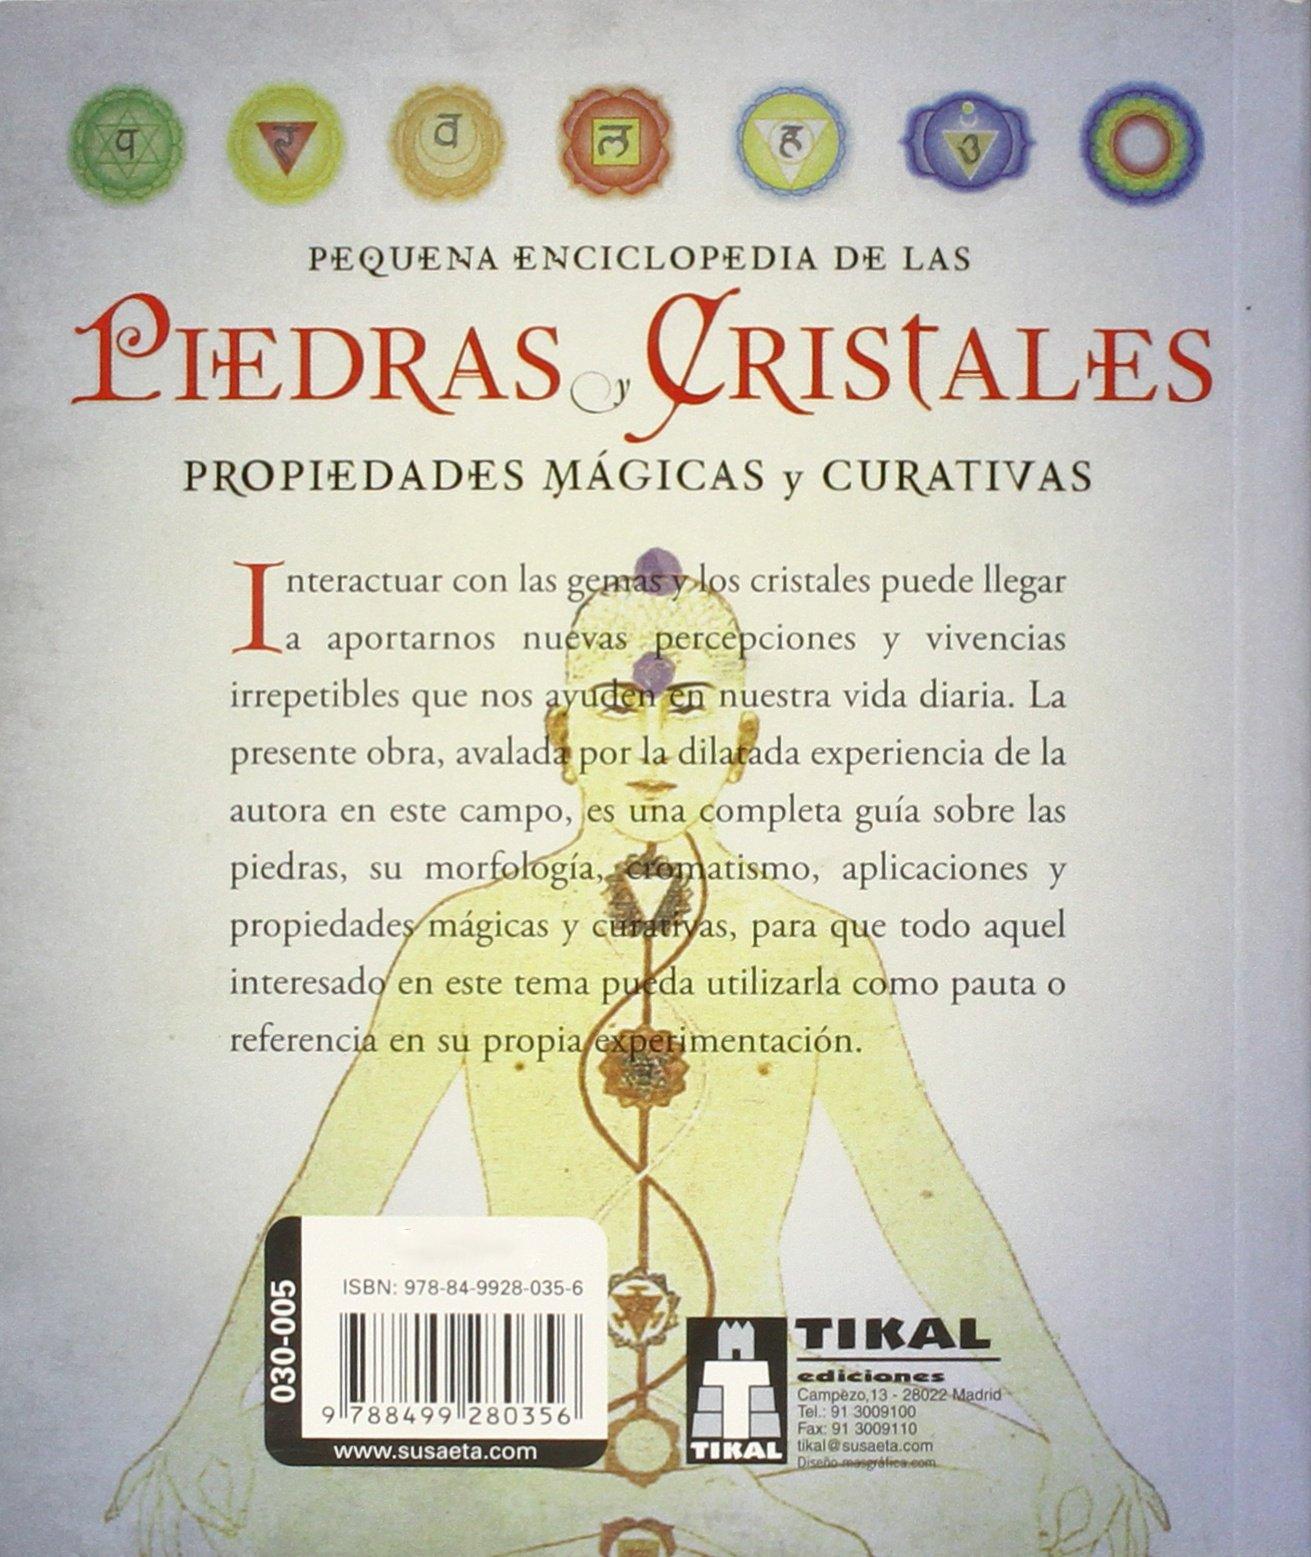 Piedras Y Cristales (Pequeña Enciclopedia): Amazon.es: Galiana, Helena: Libros